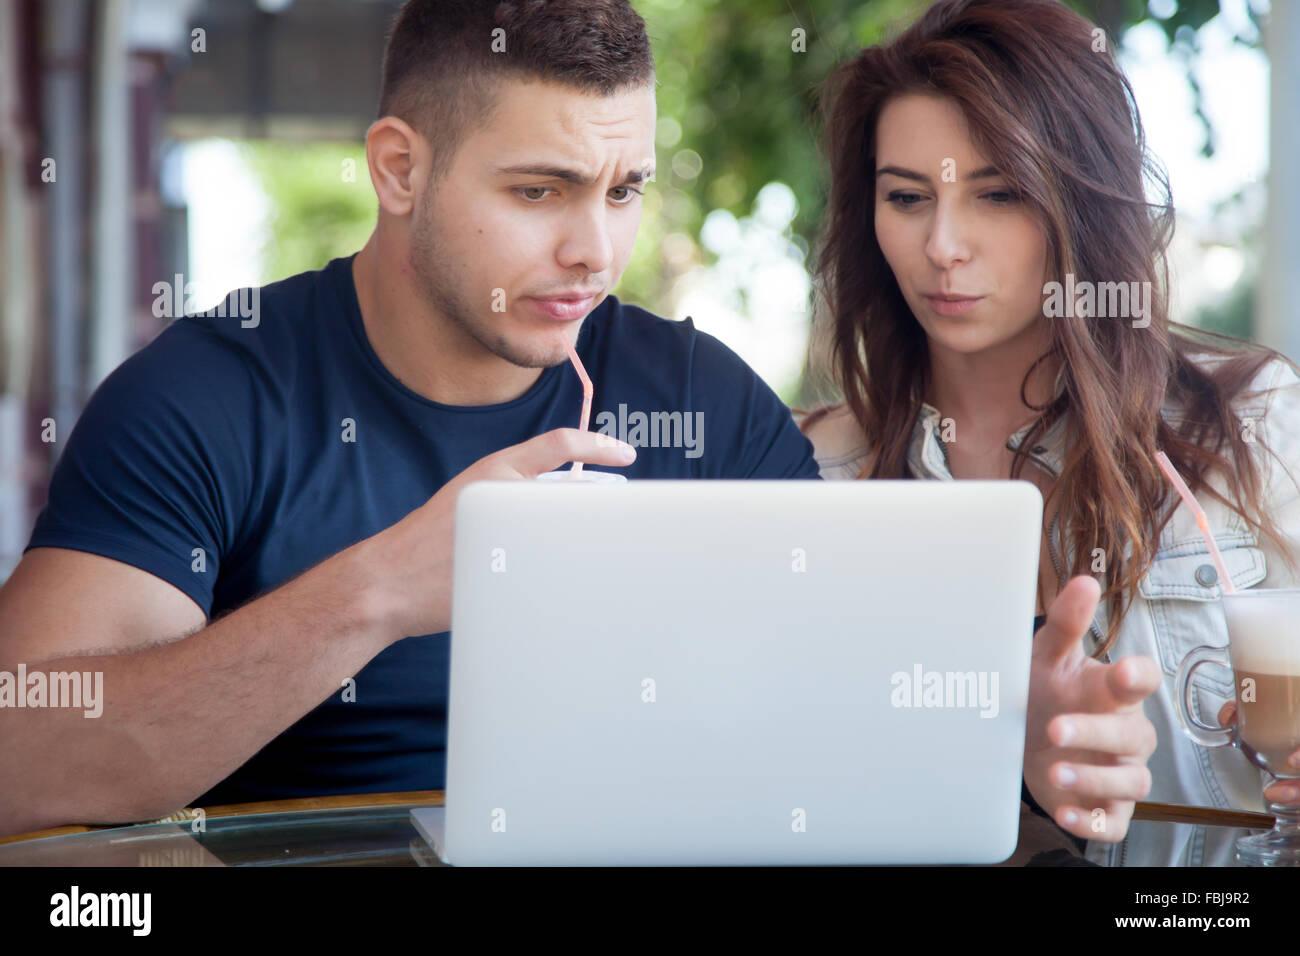 Cándido retrato de hombre joven y mujer en ropa casual sentado en la cafetería de la calle, utilizando Imagen De Stock